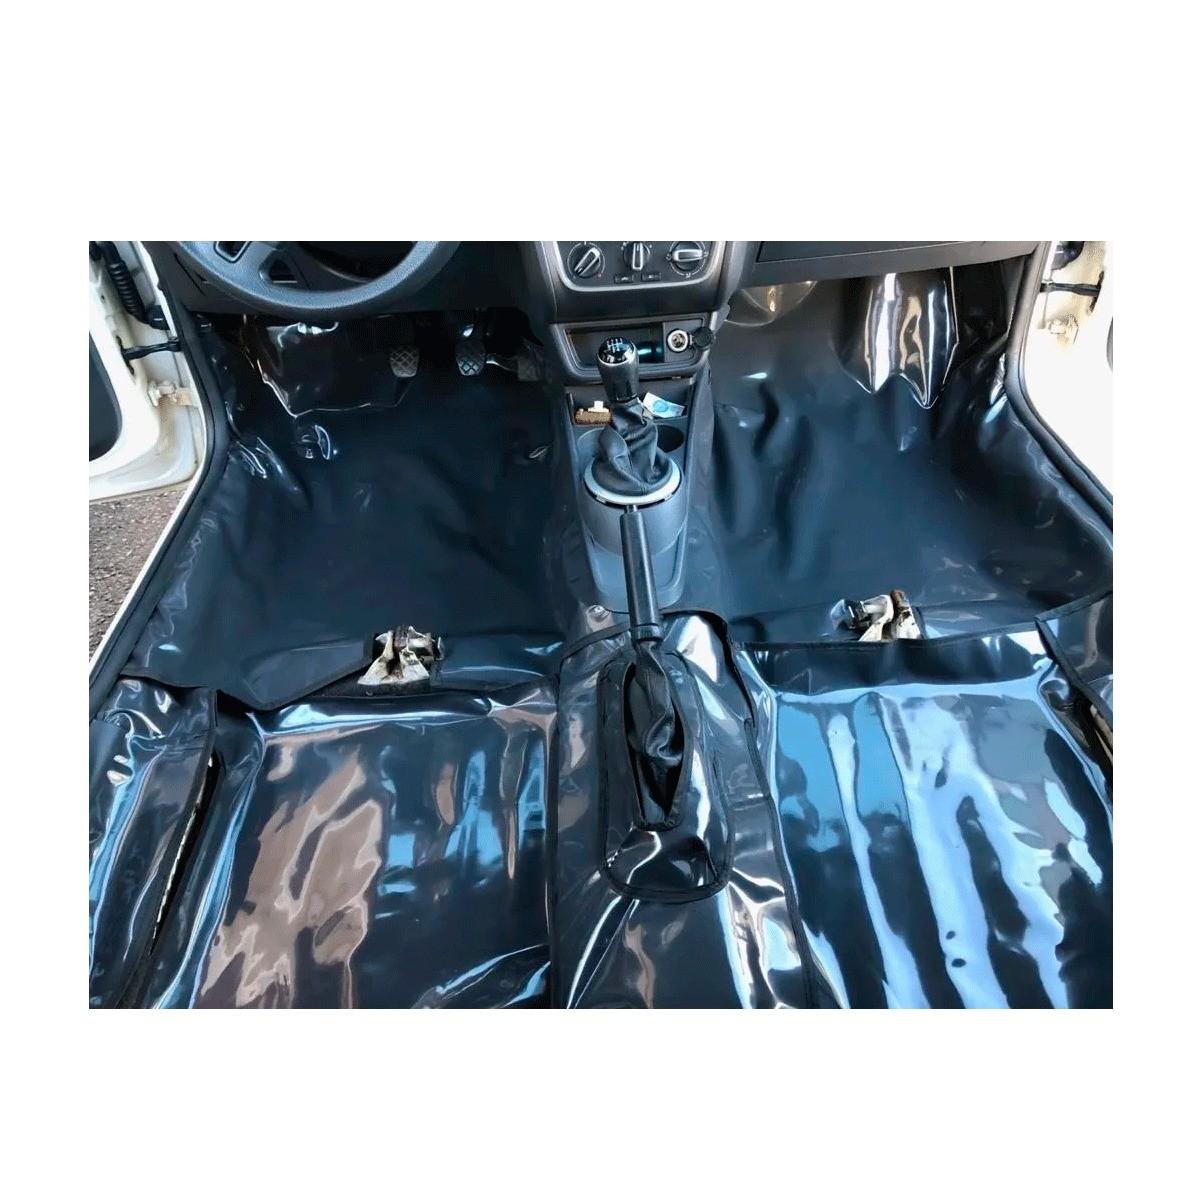 Tapete Proteção Assoalho do Fiat Fiorino 2007 a 2013 em Vinil Verniz Impermeável